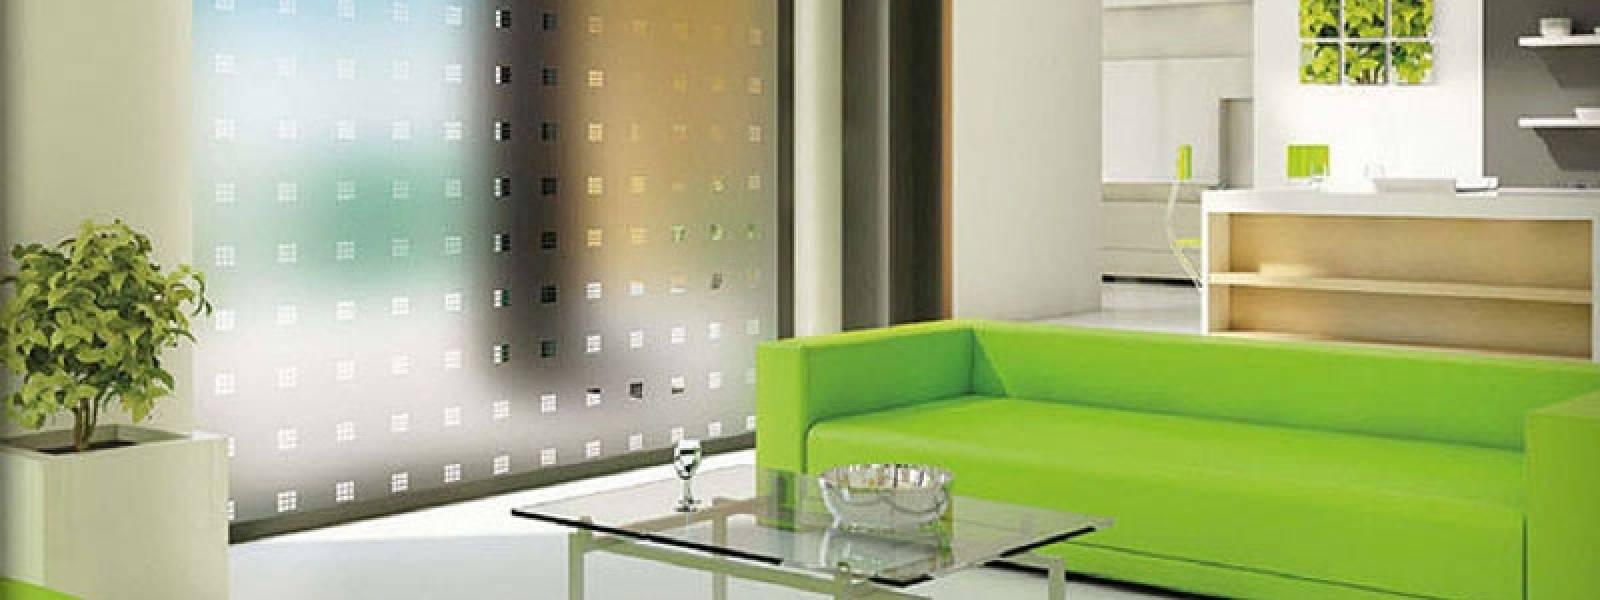 Cura e pulizia delle pellicole per vetri - Applicazione pellicole vetri finestre ...